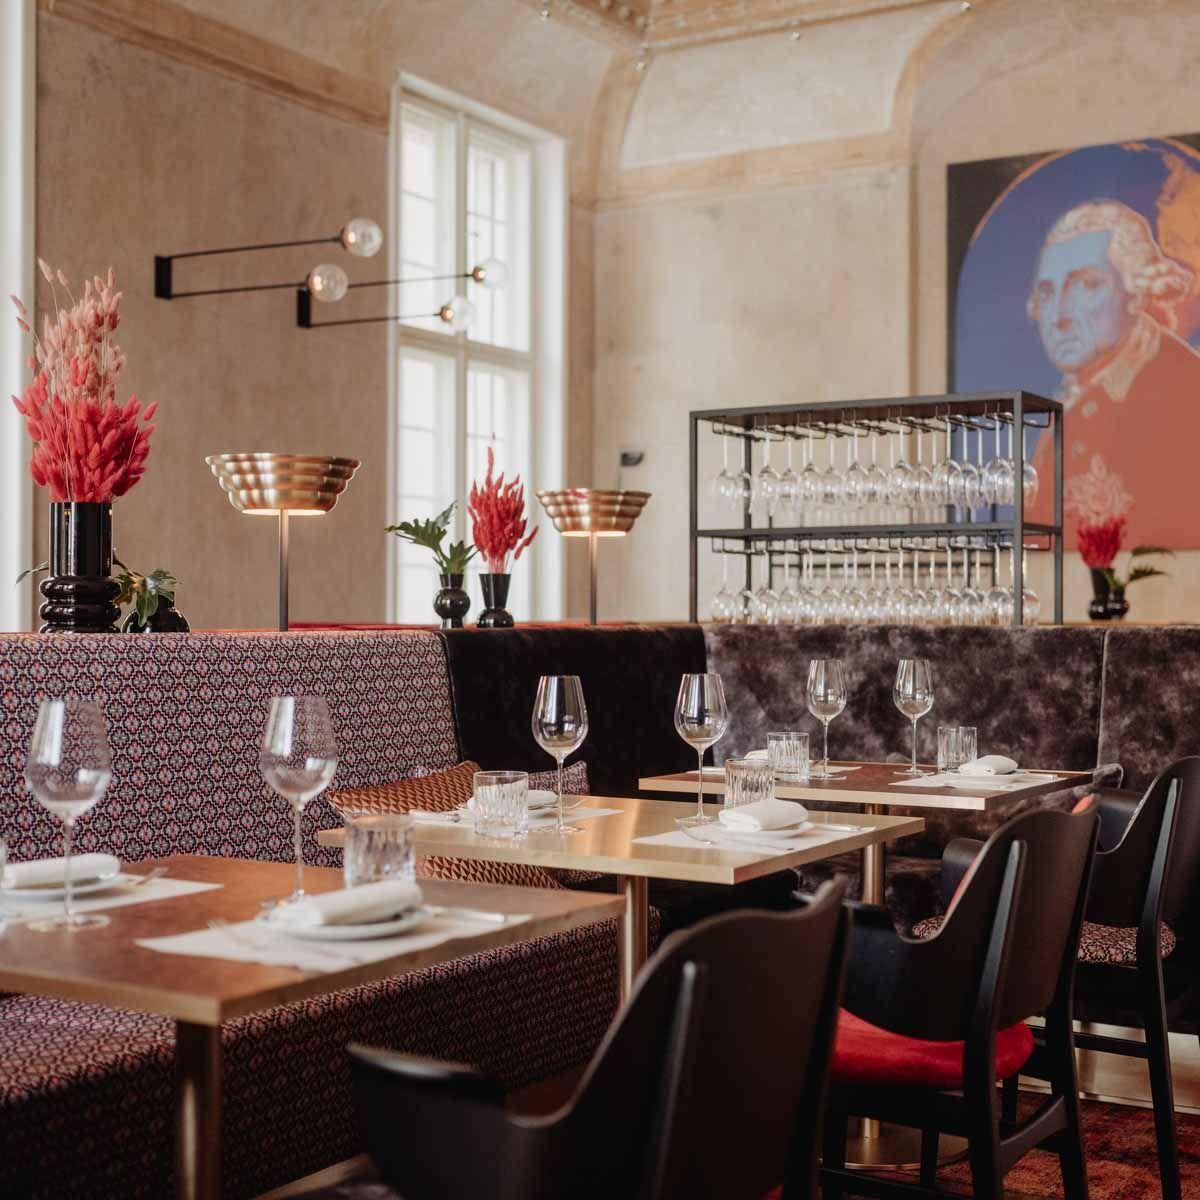 Villa Kellermann Restaurant Der Superlative In Potsdam In 2020 Einrichtungstipps Restaurant Deutsche Kuche